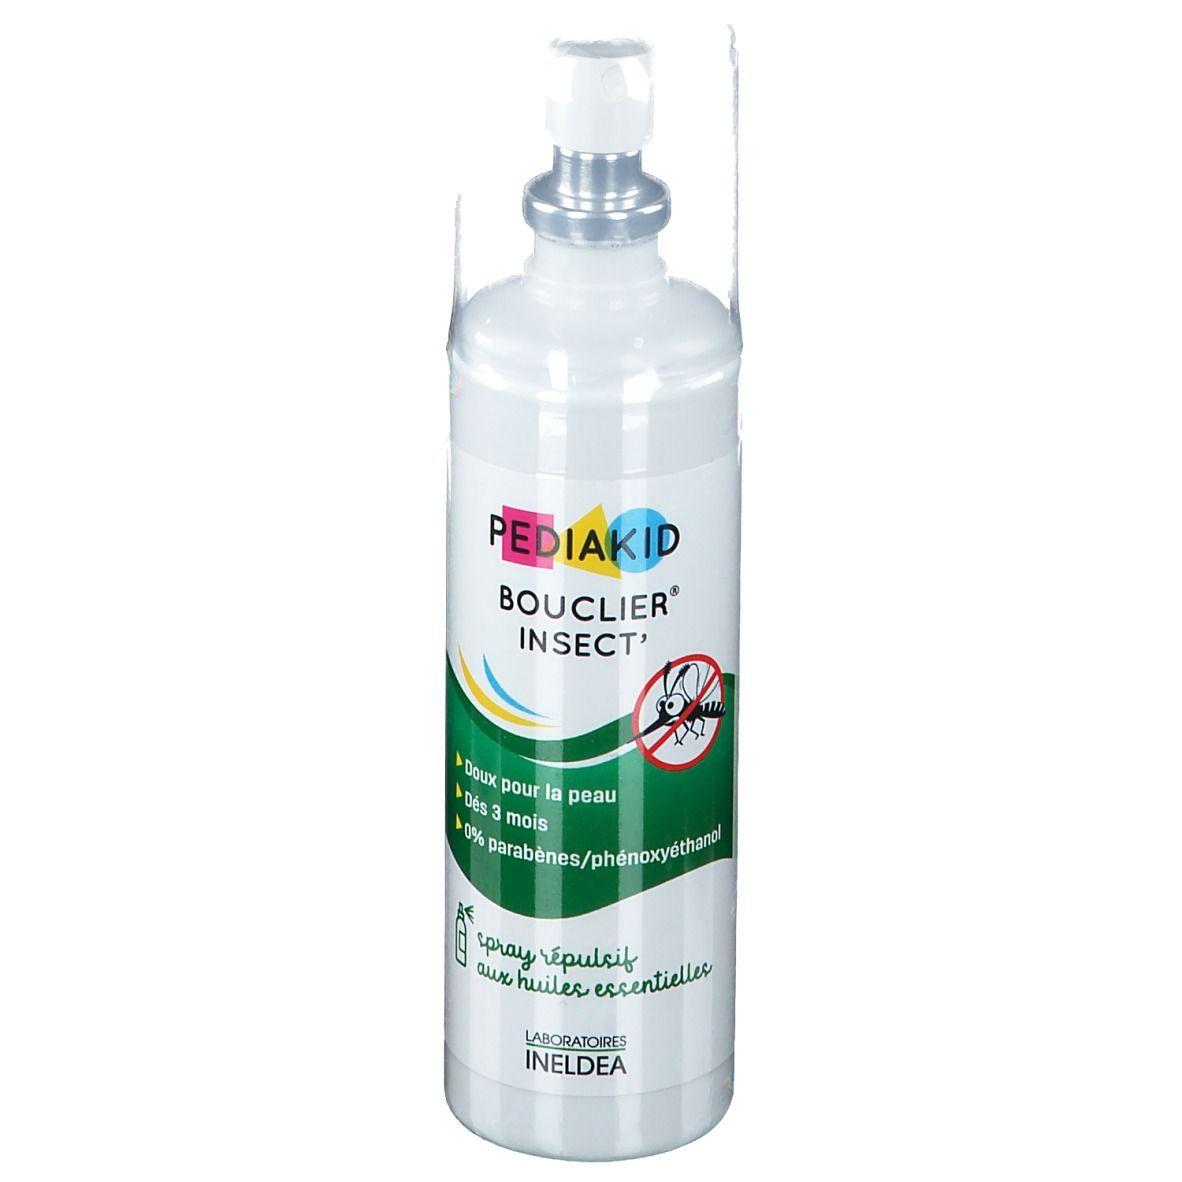 Pediakid Bouclier Insect' spray répulsif ml spray